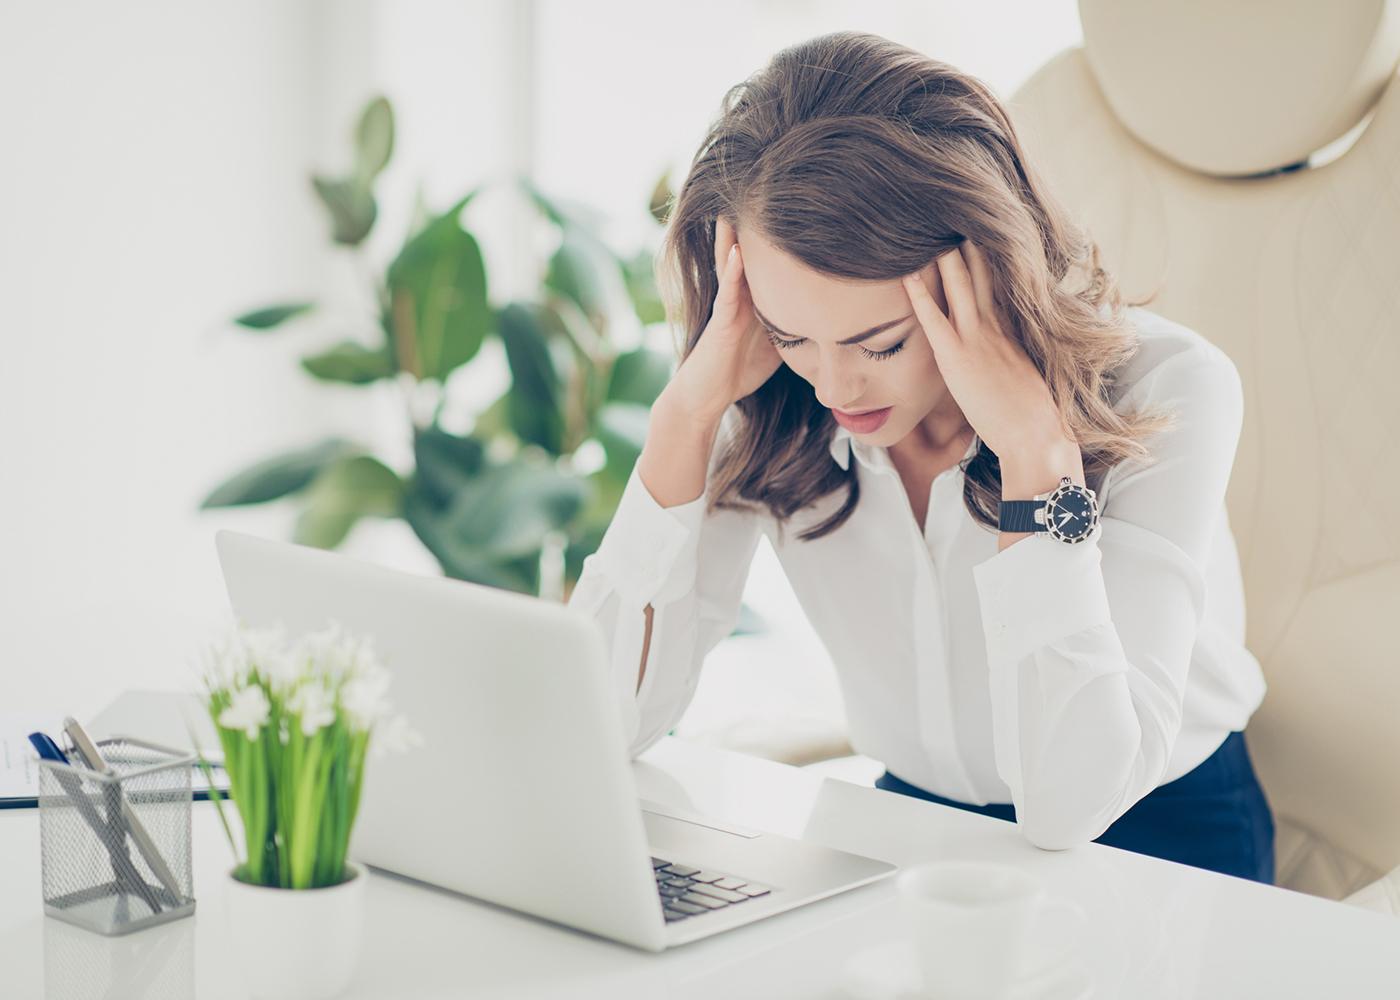 mulher ansiedade no trabalho